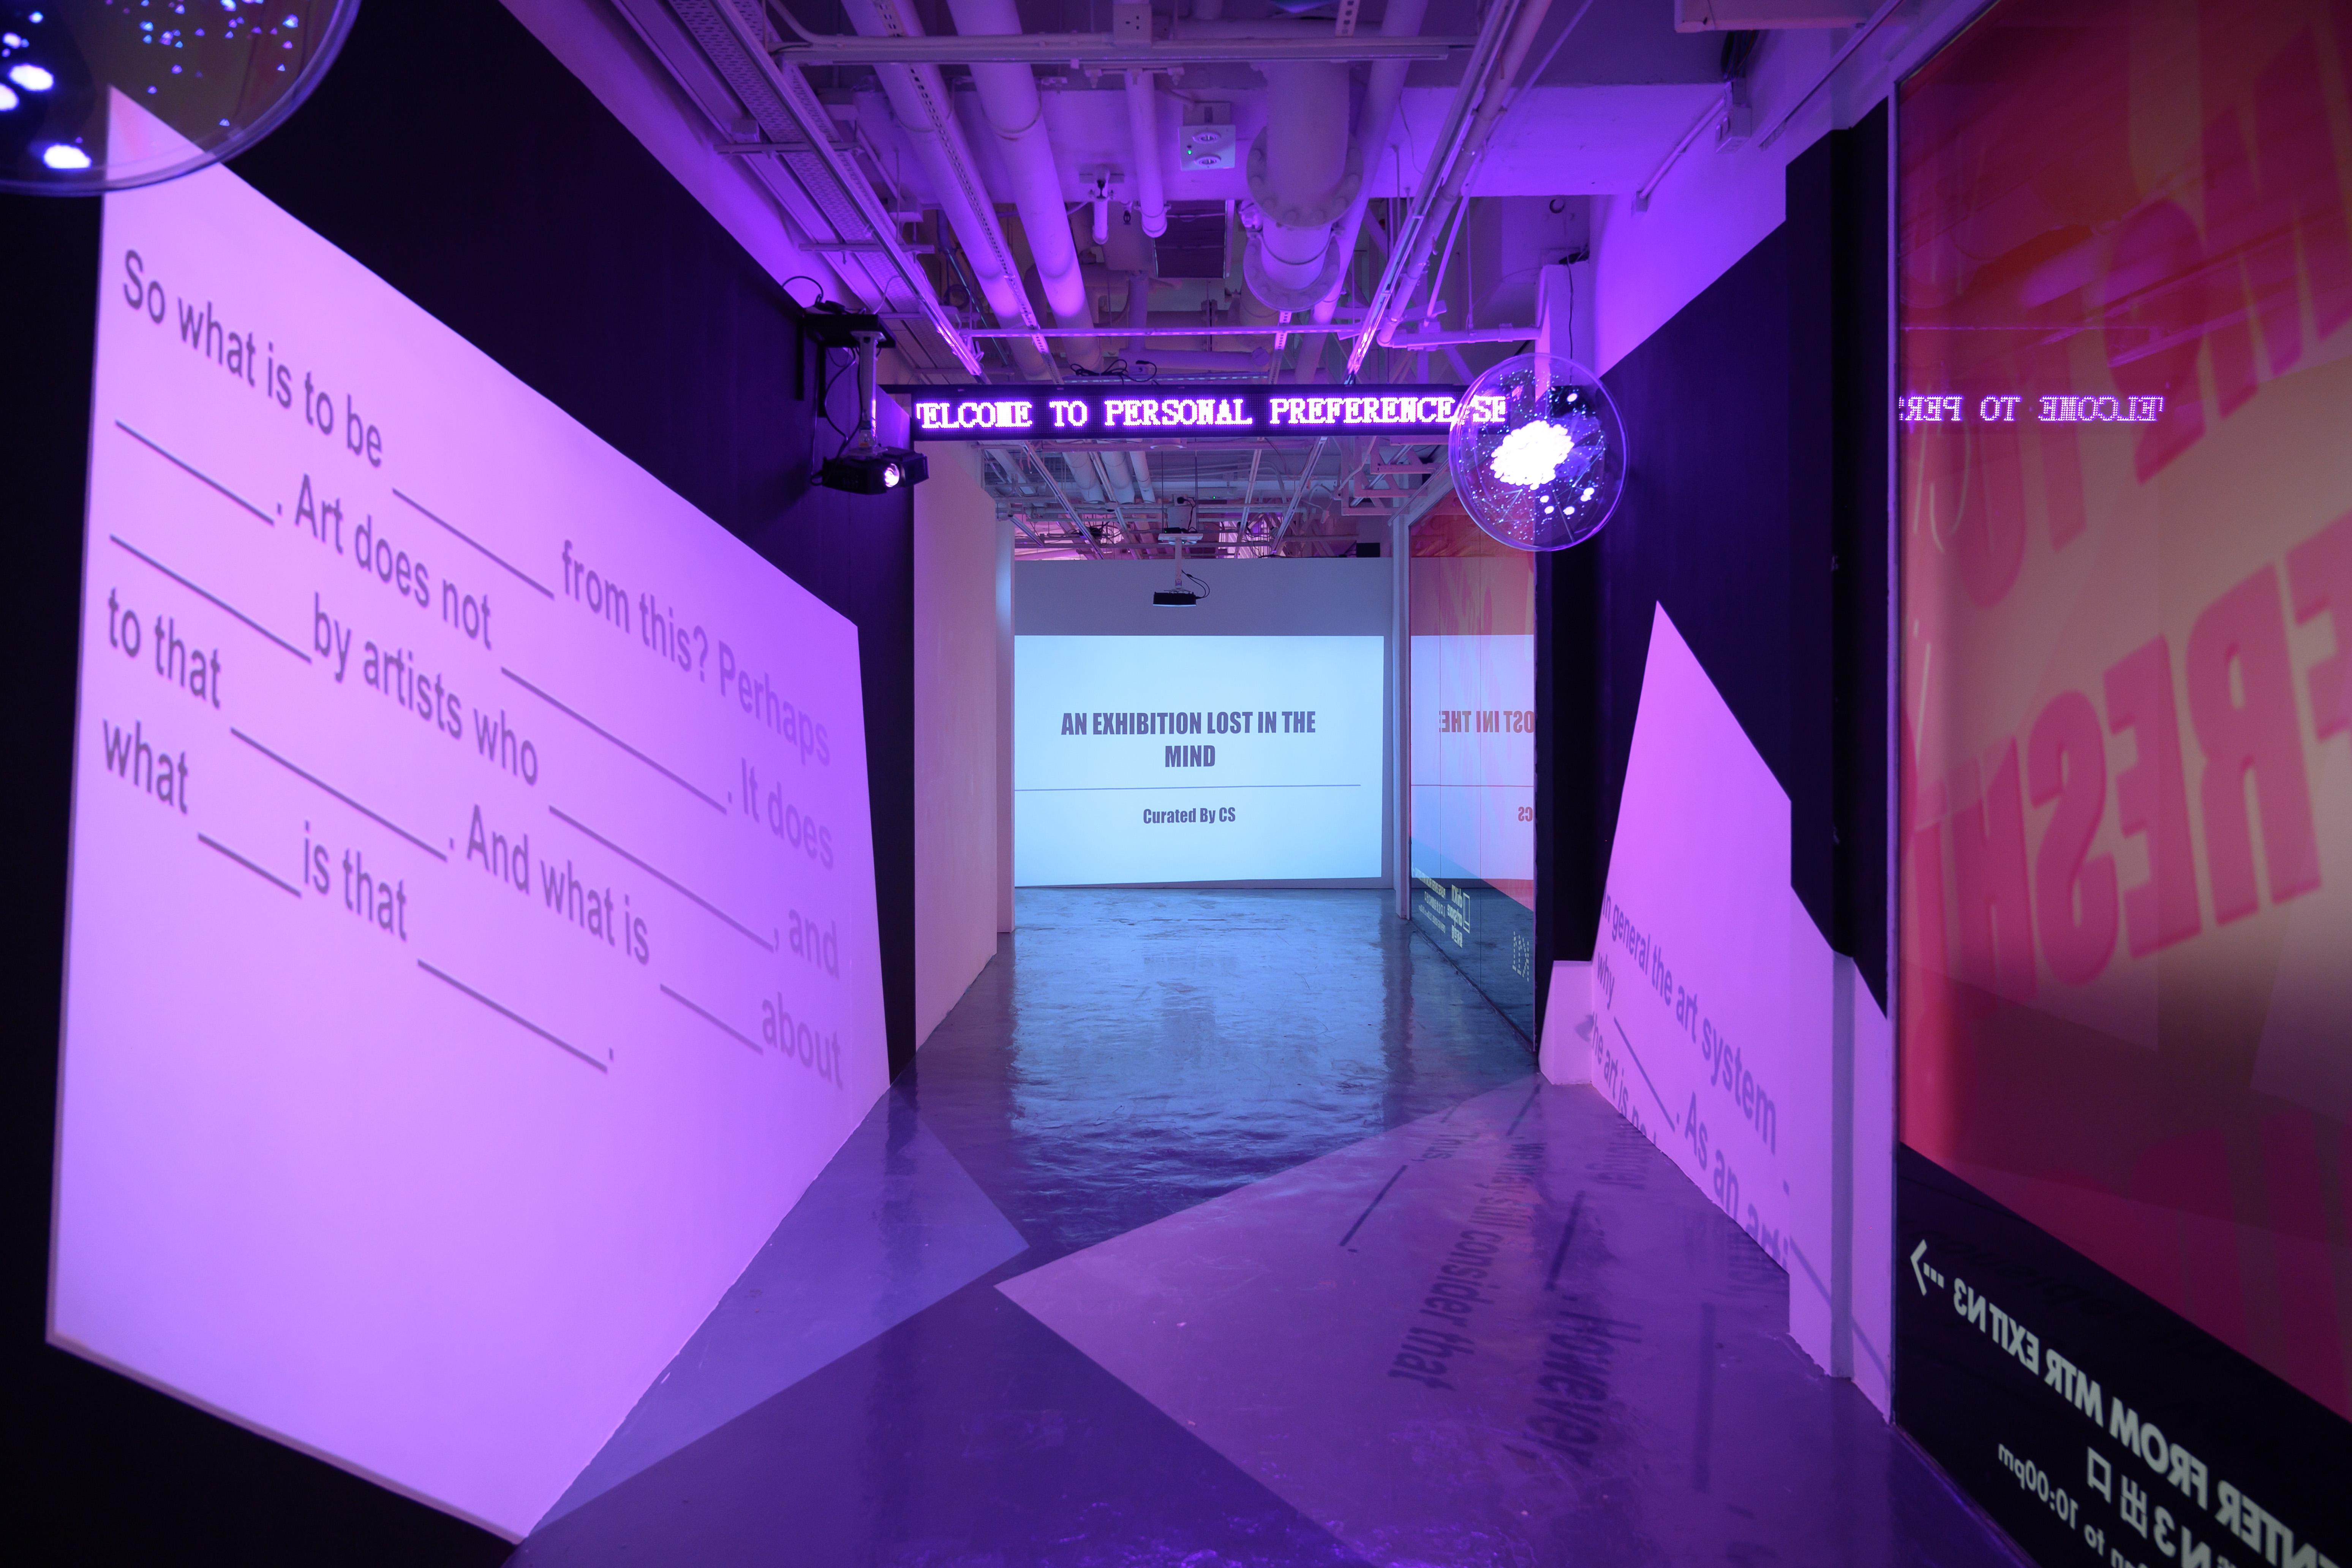 王欣個展於香港chi k11藝術空間